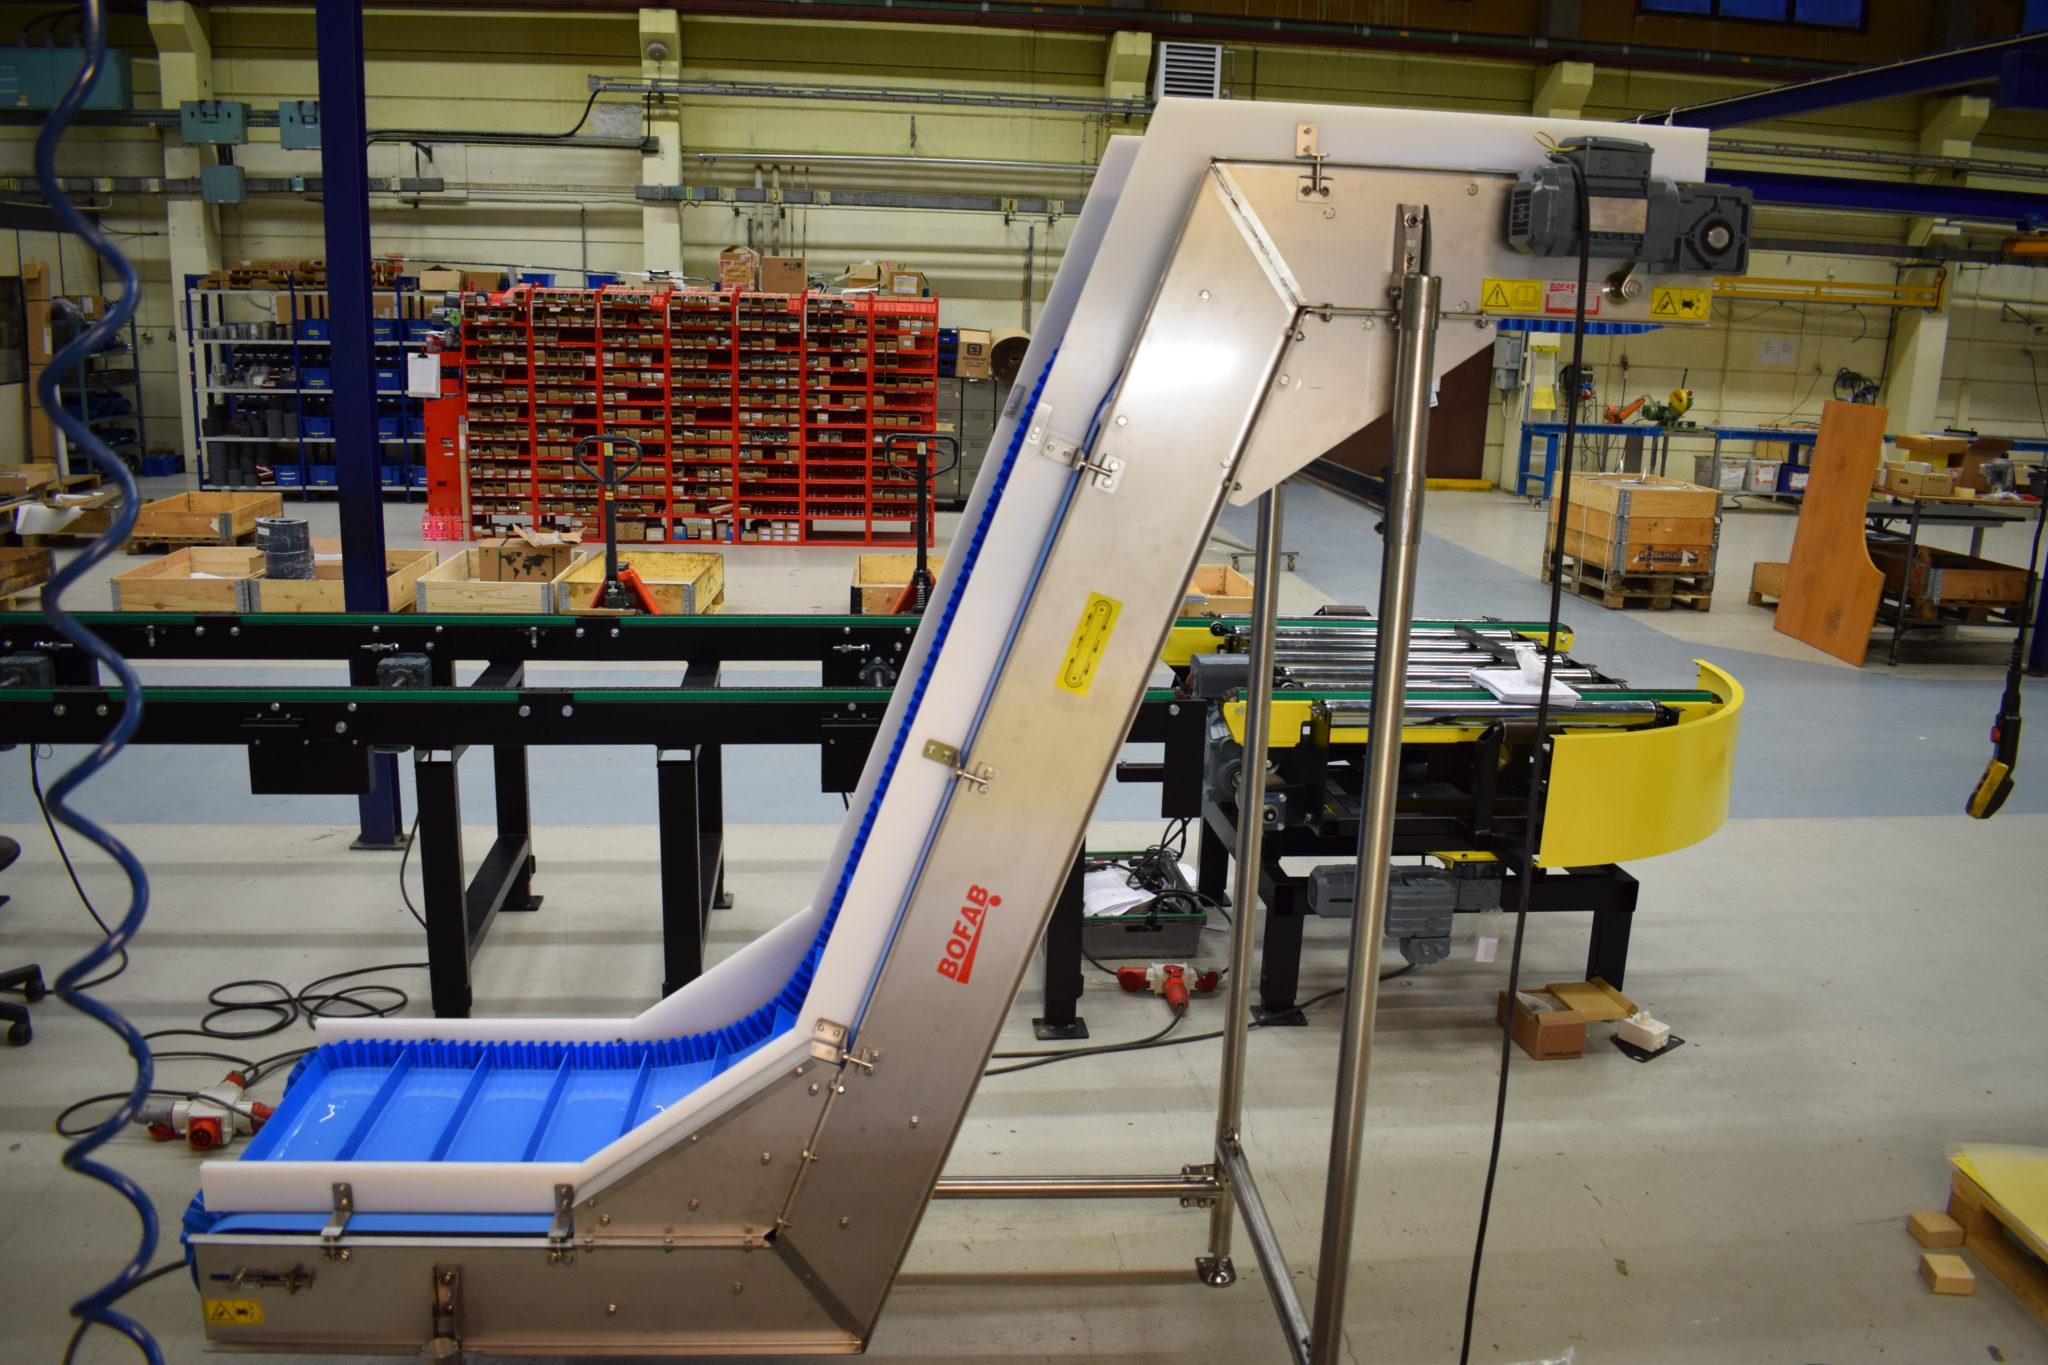 Rostfria bandtransportörer med löstagbara sidokanter - Bofab Conveyor AB